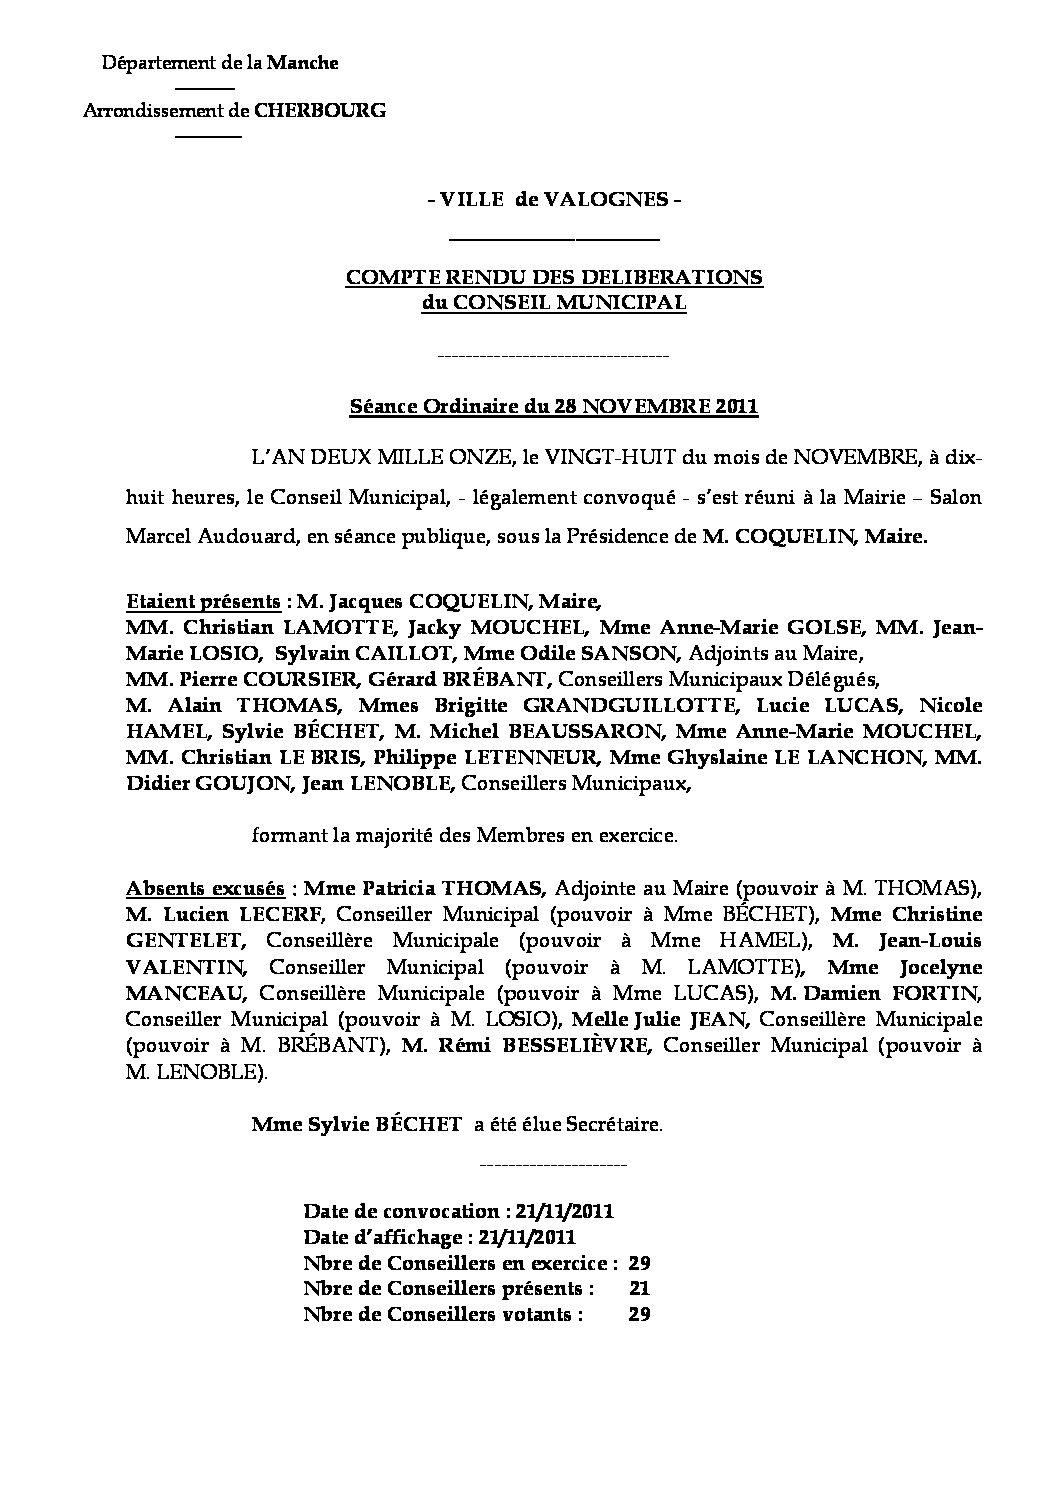 Extrait du registre des délibérations du 28-11-2011 - Compte rendu des questions soumises à délibération lors de la réunion du Conseil Municipal du 28 novembre 2011.